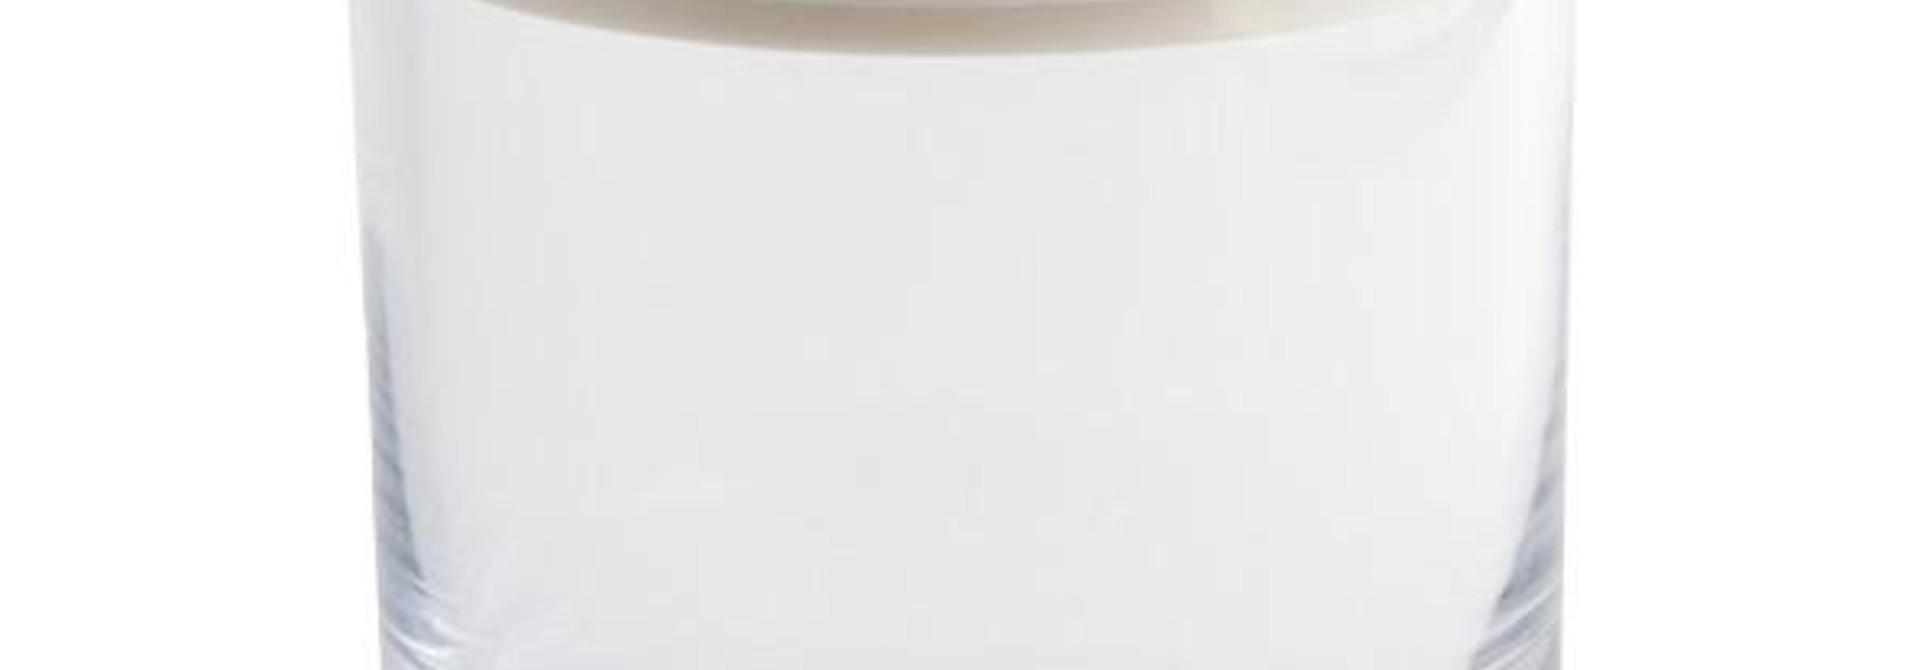 OBJETLUXE - Glass / Mother of Pearl Turtle Silver Jar